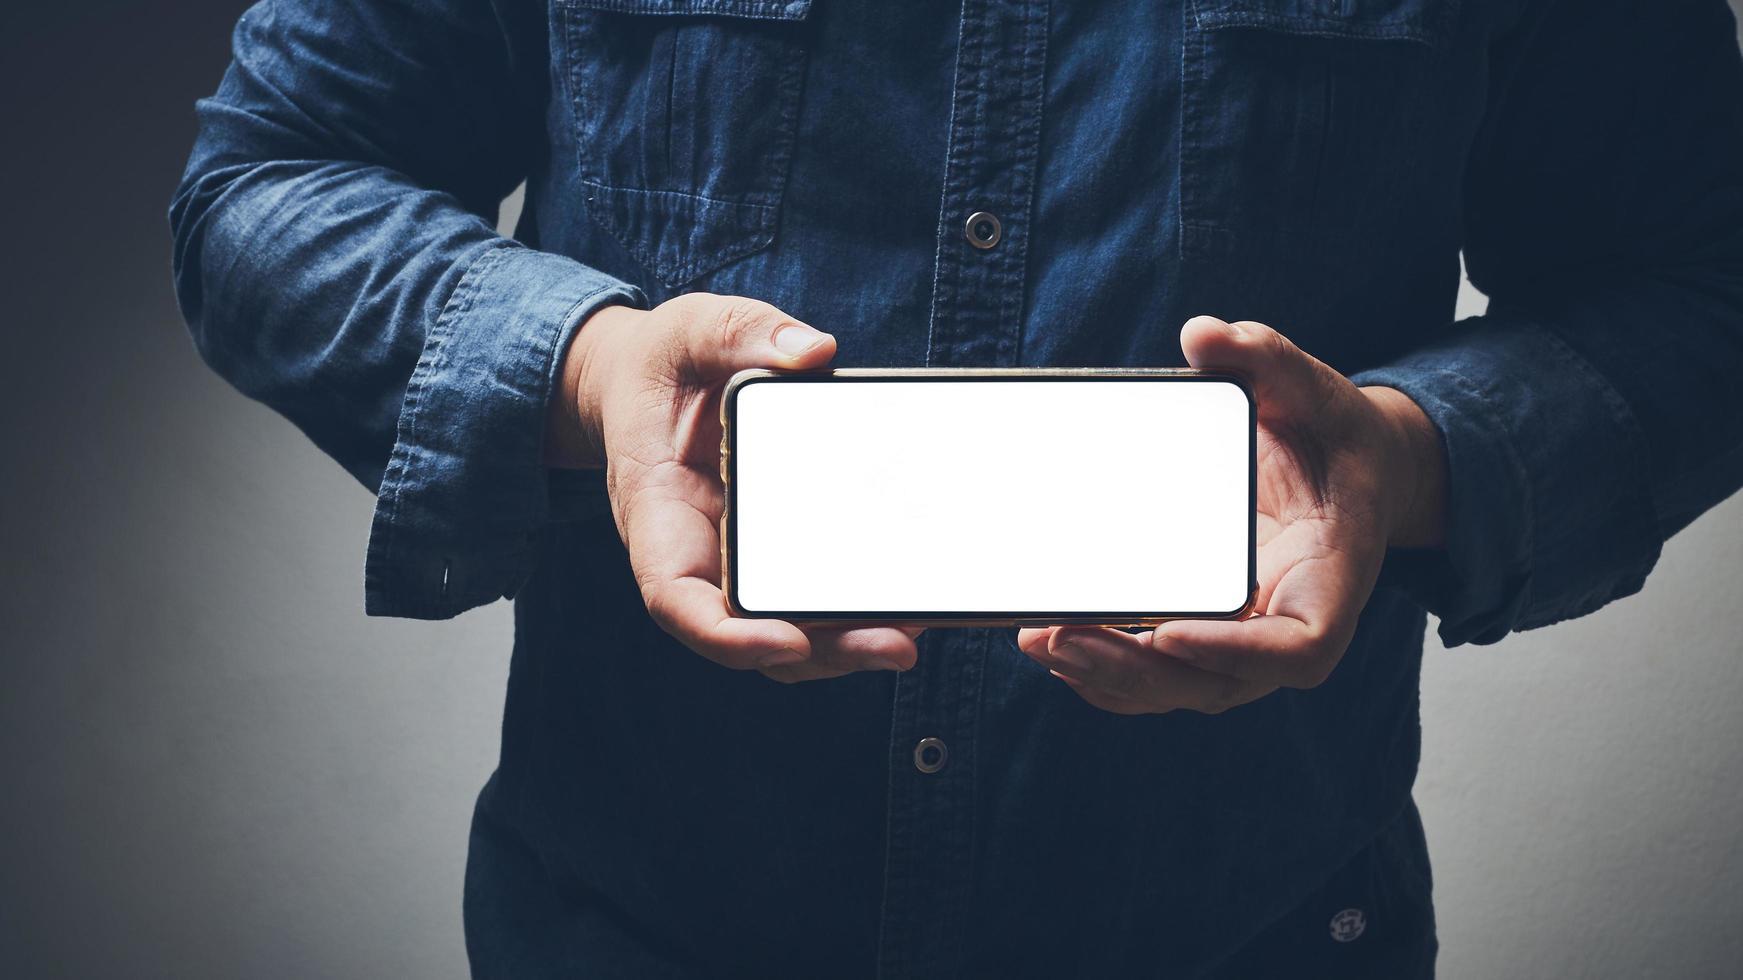 Man holding phone mock-up photo